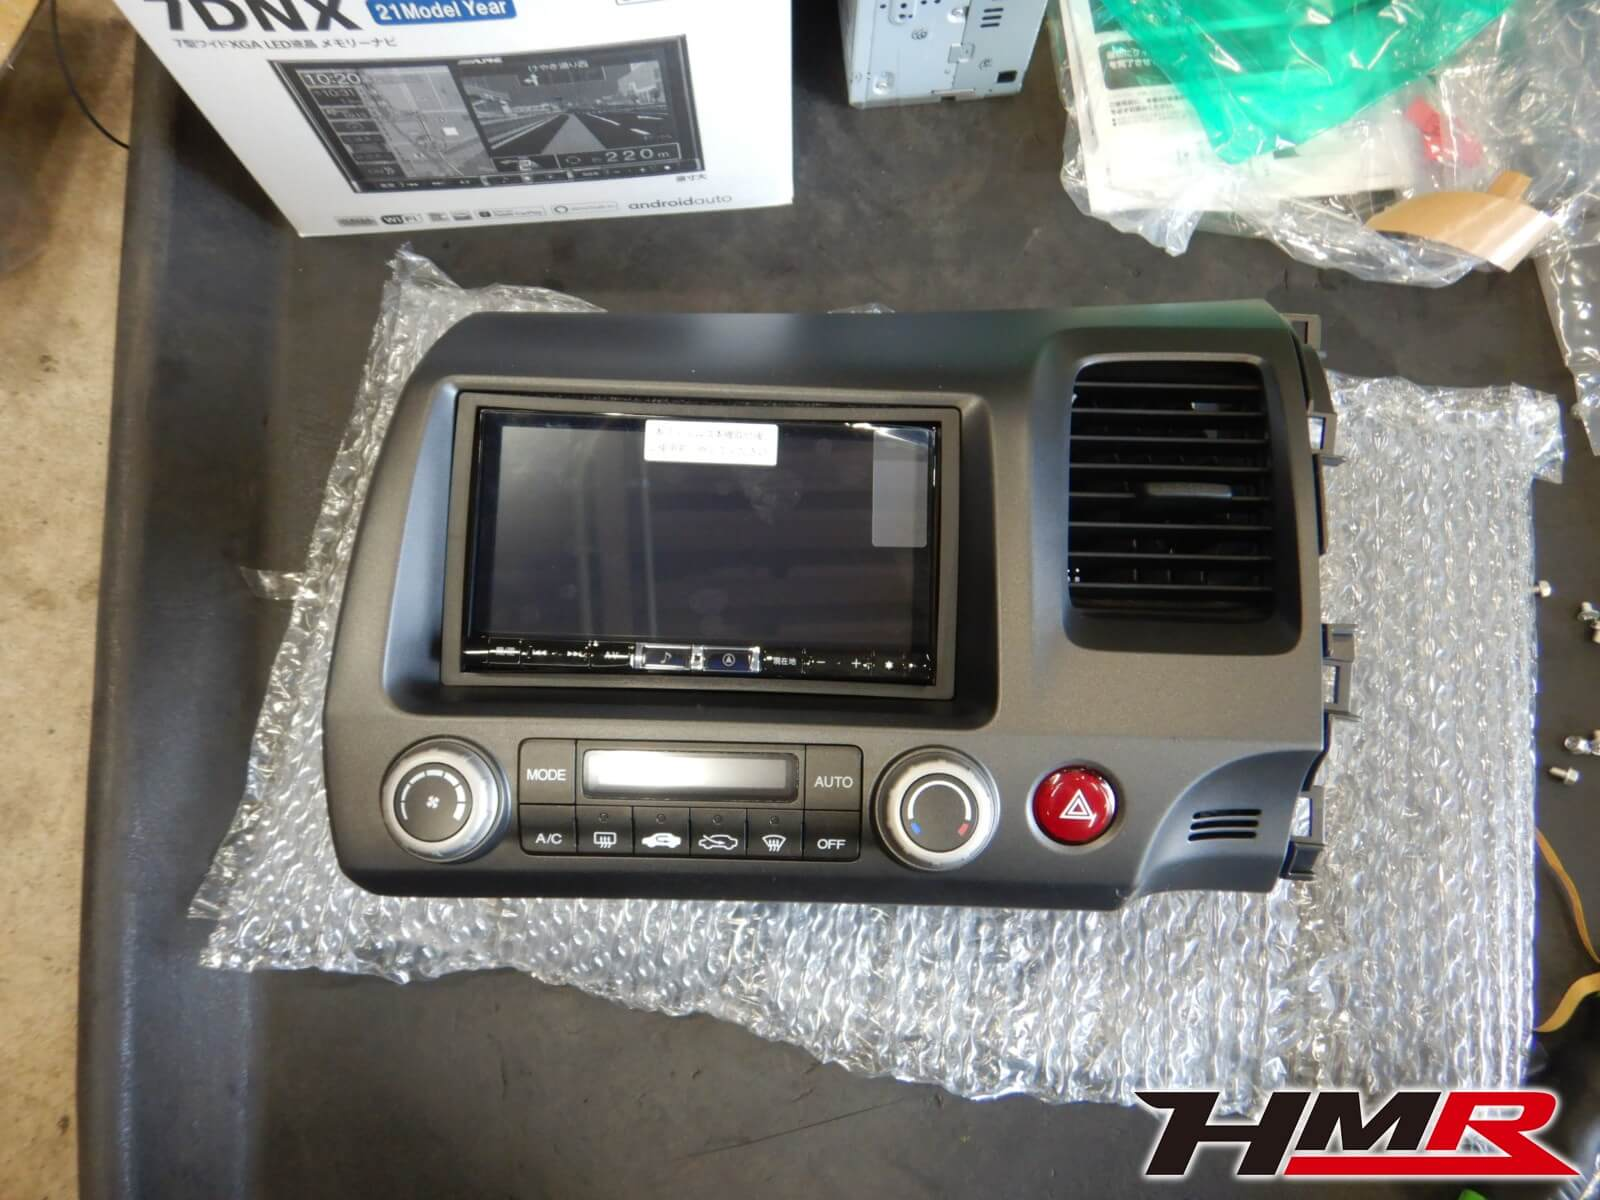 シビックタイプR(FD2) アルパインナビバックカメラ取付